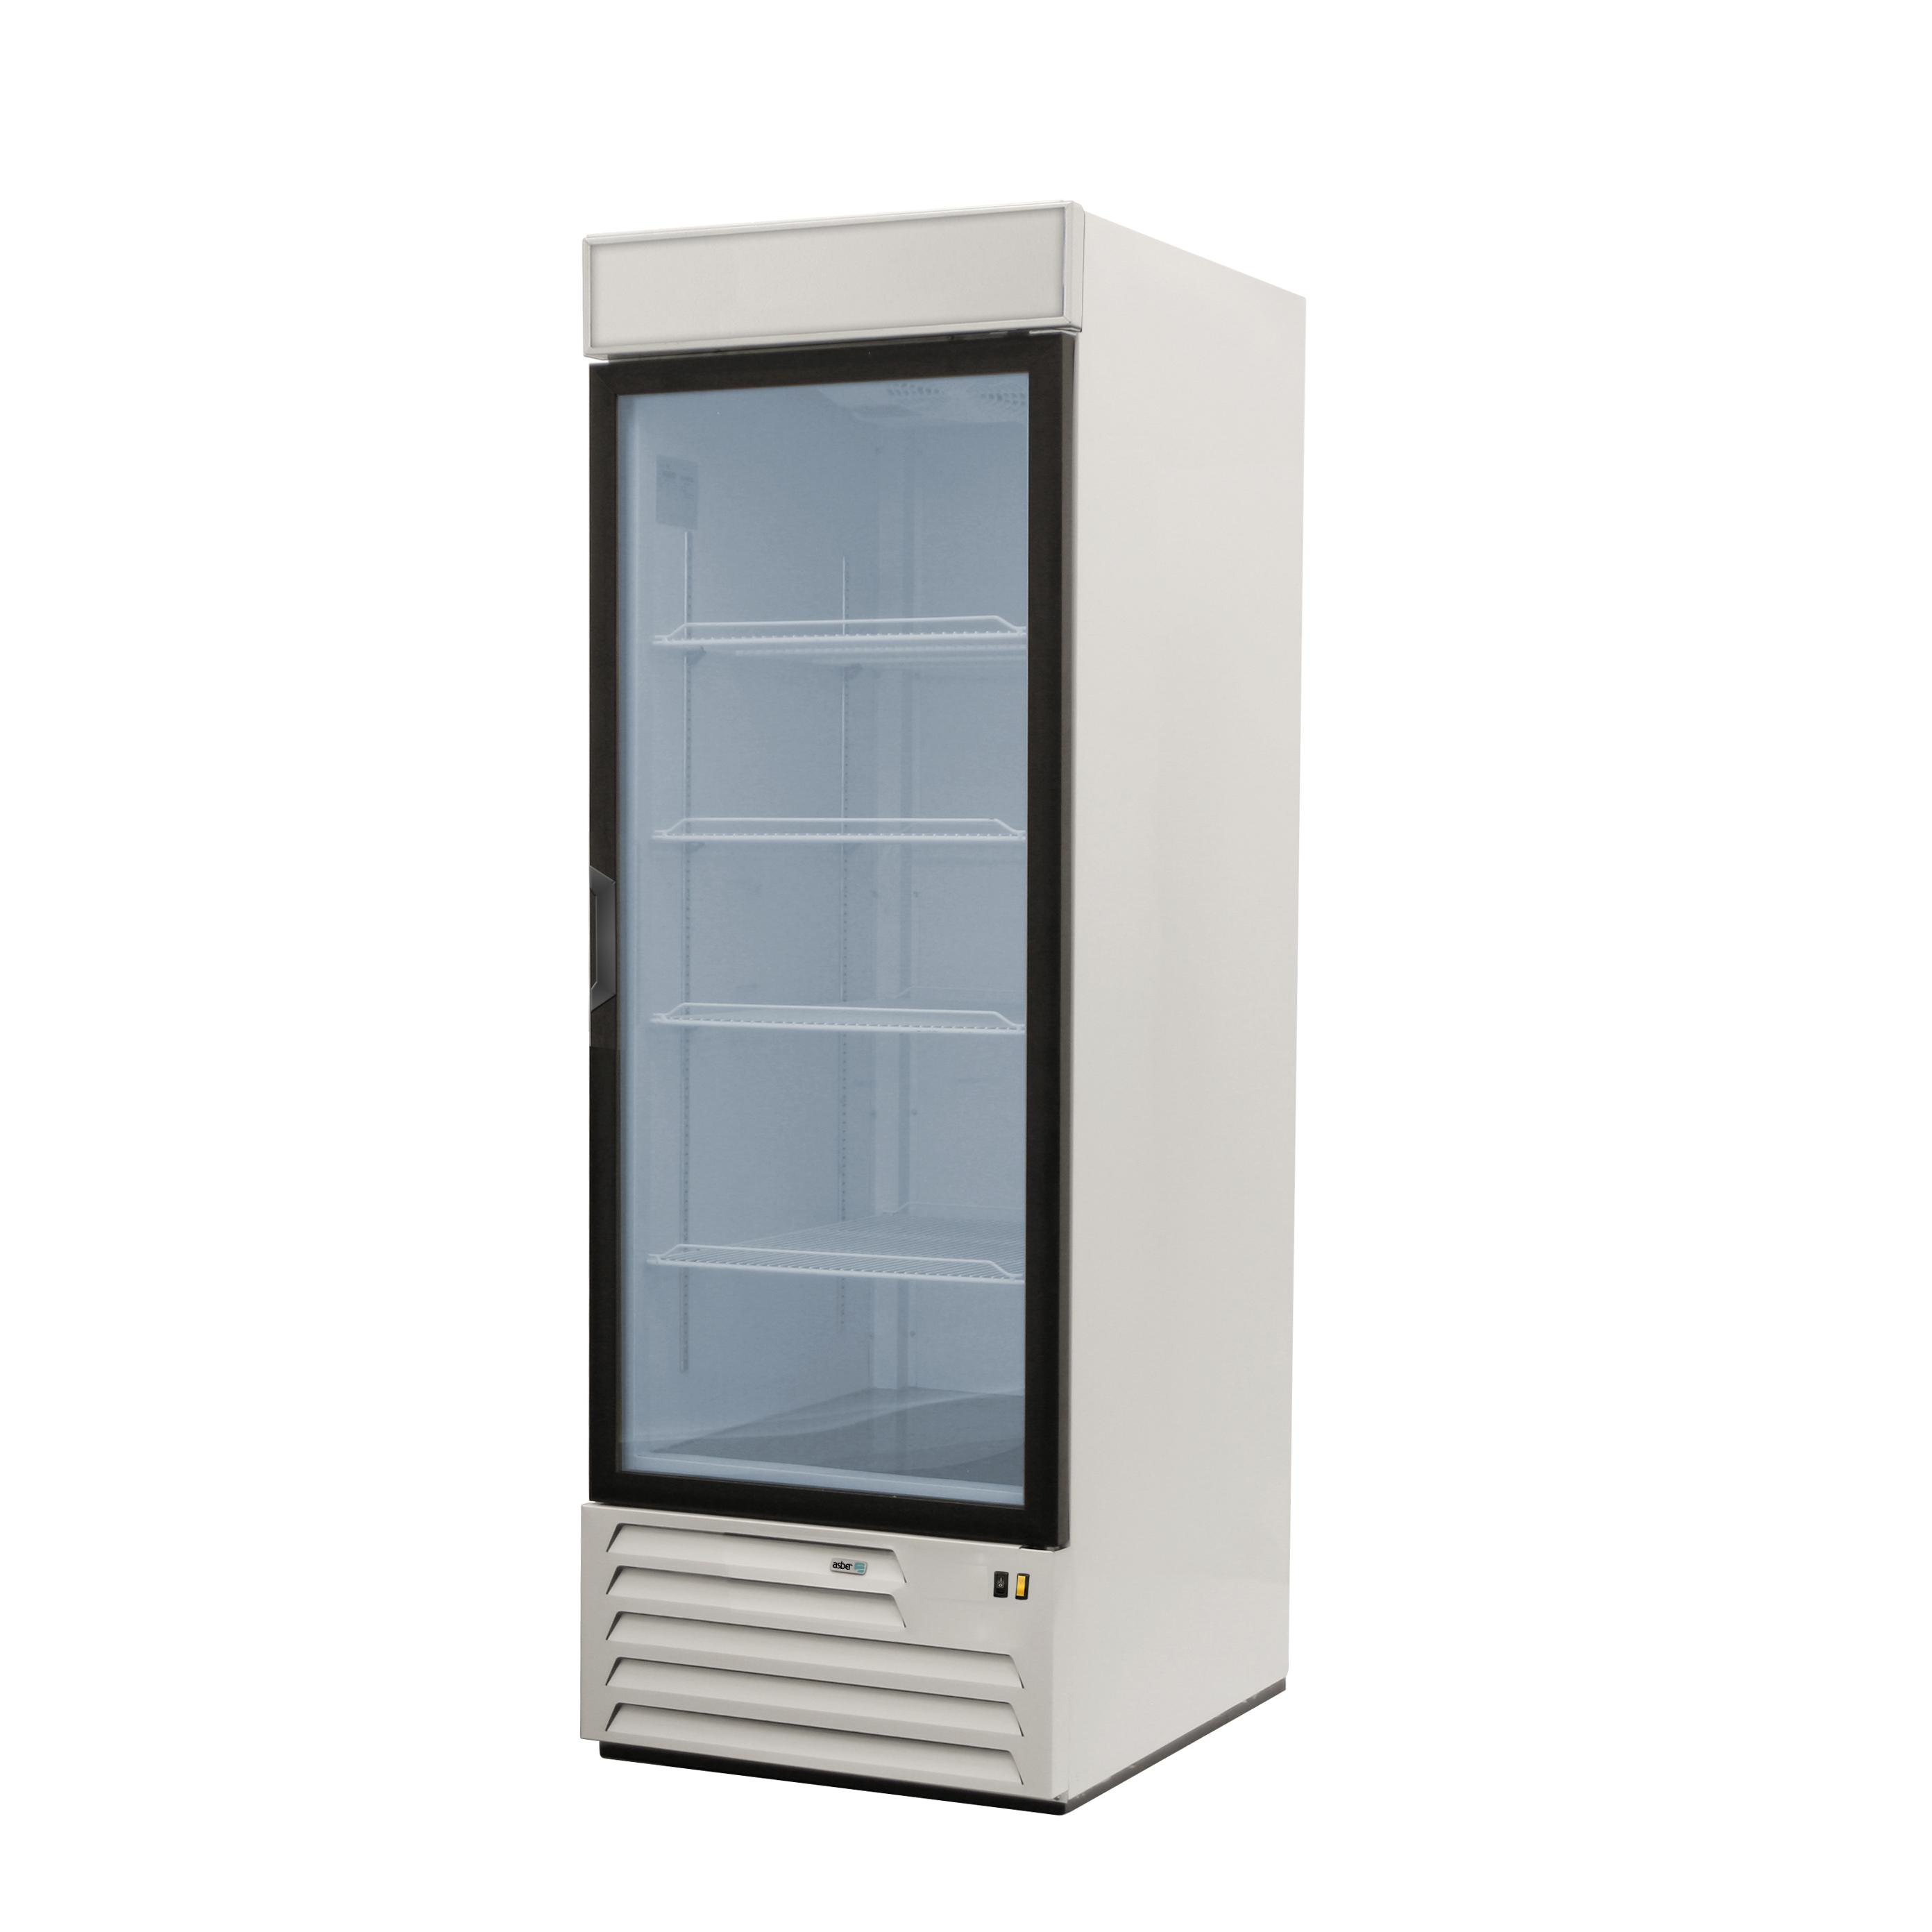 Asber ARMD-23A refrigerator, merchandiser